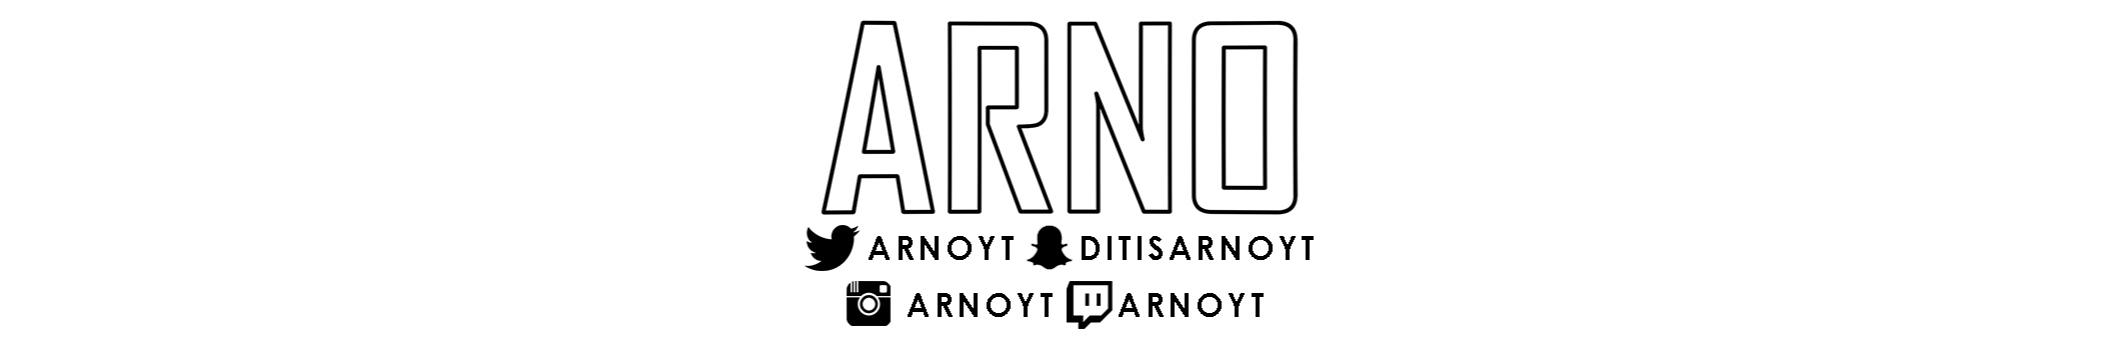 Arnoyt